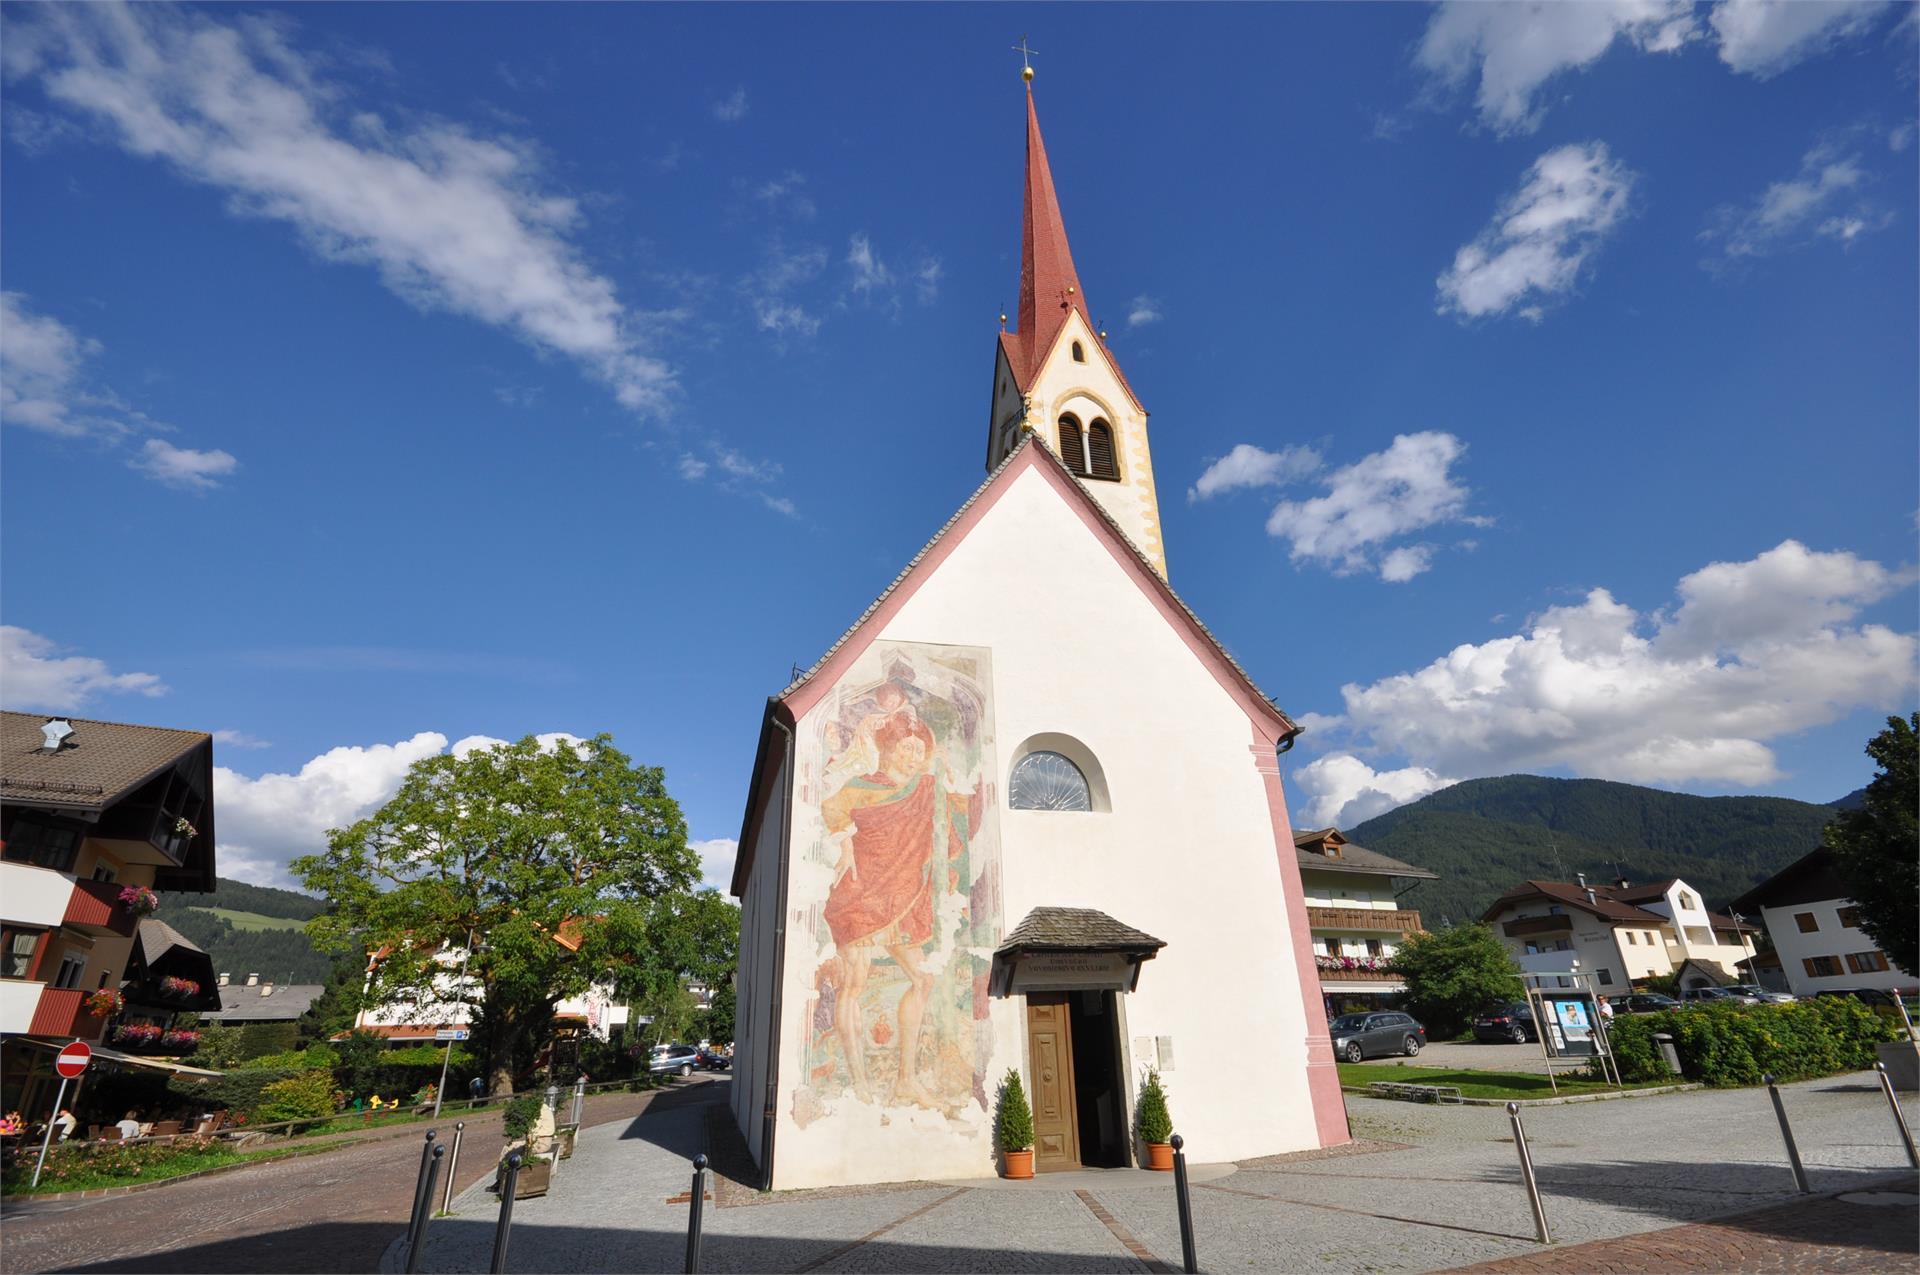 Church S. Egidio/St. Ägidius